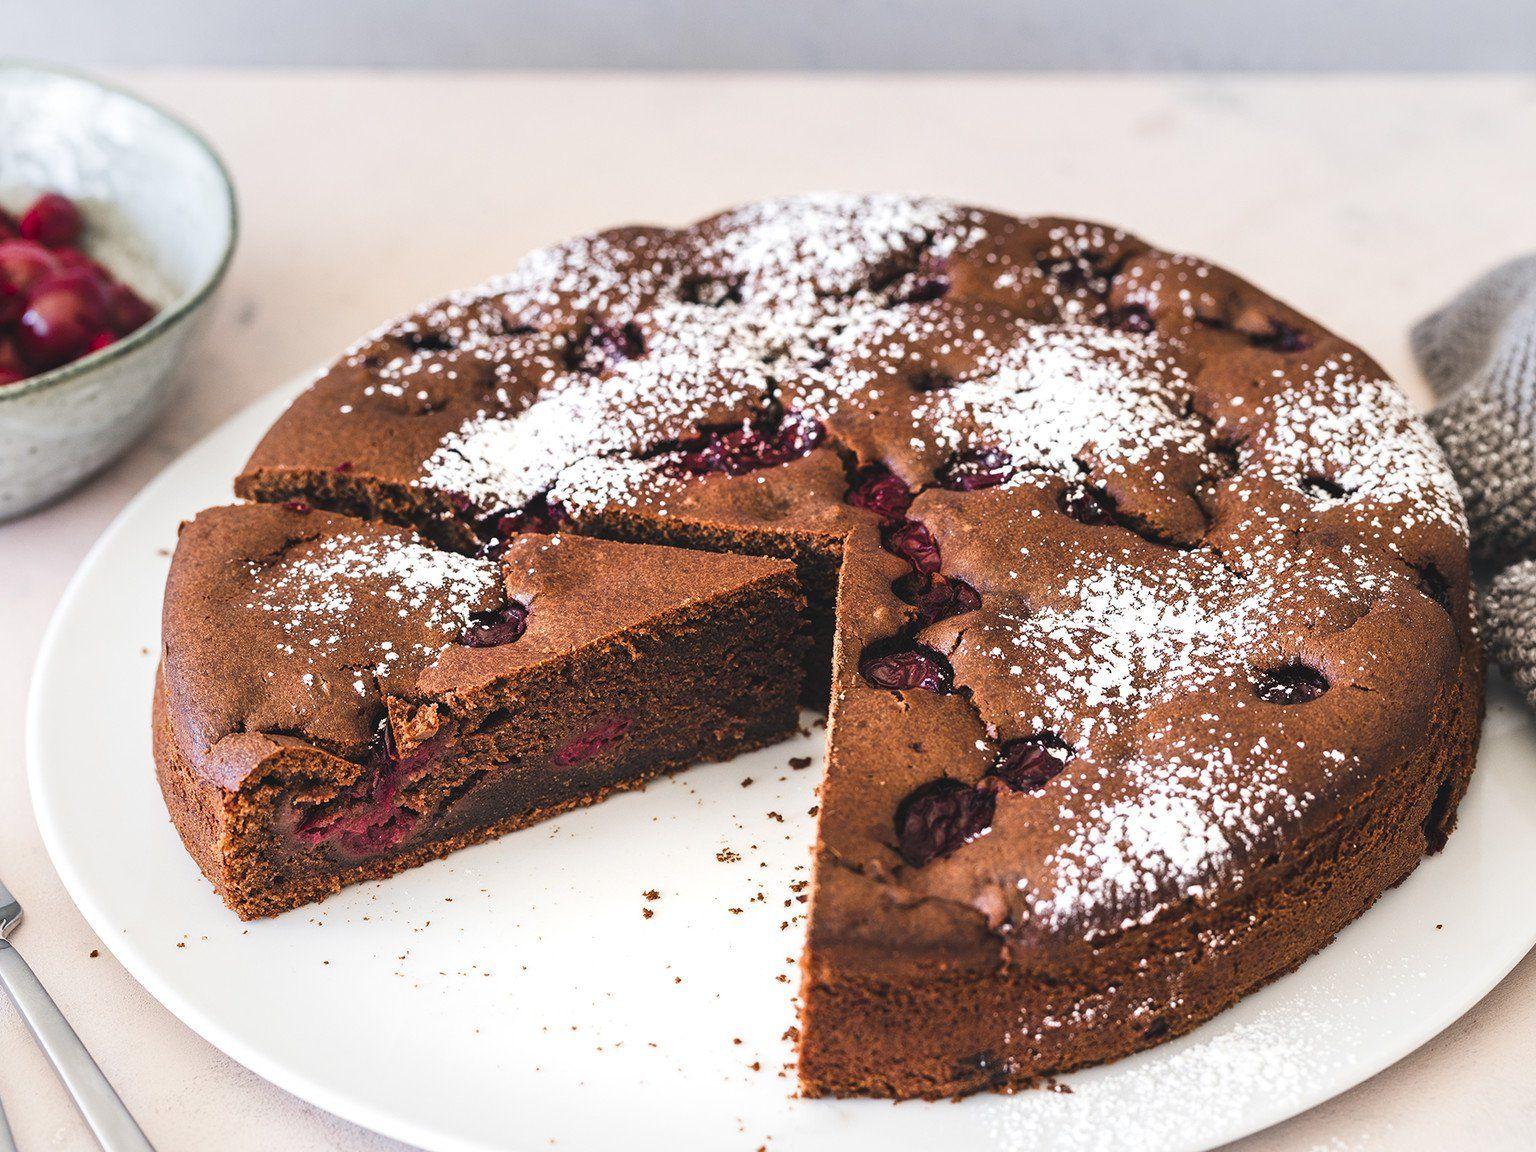 Schoko Kirsch Kuchen Rezept Schoko Kirsch Kuchen Kuchen Und Torten Rezepte Backrezepte